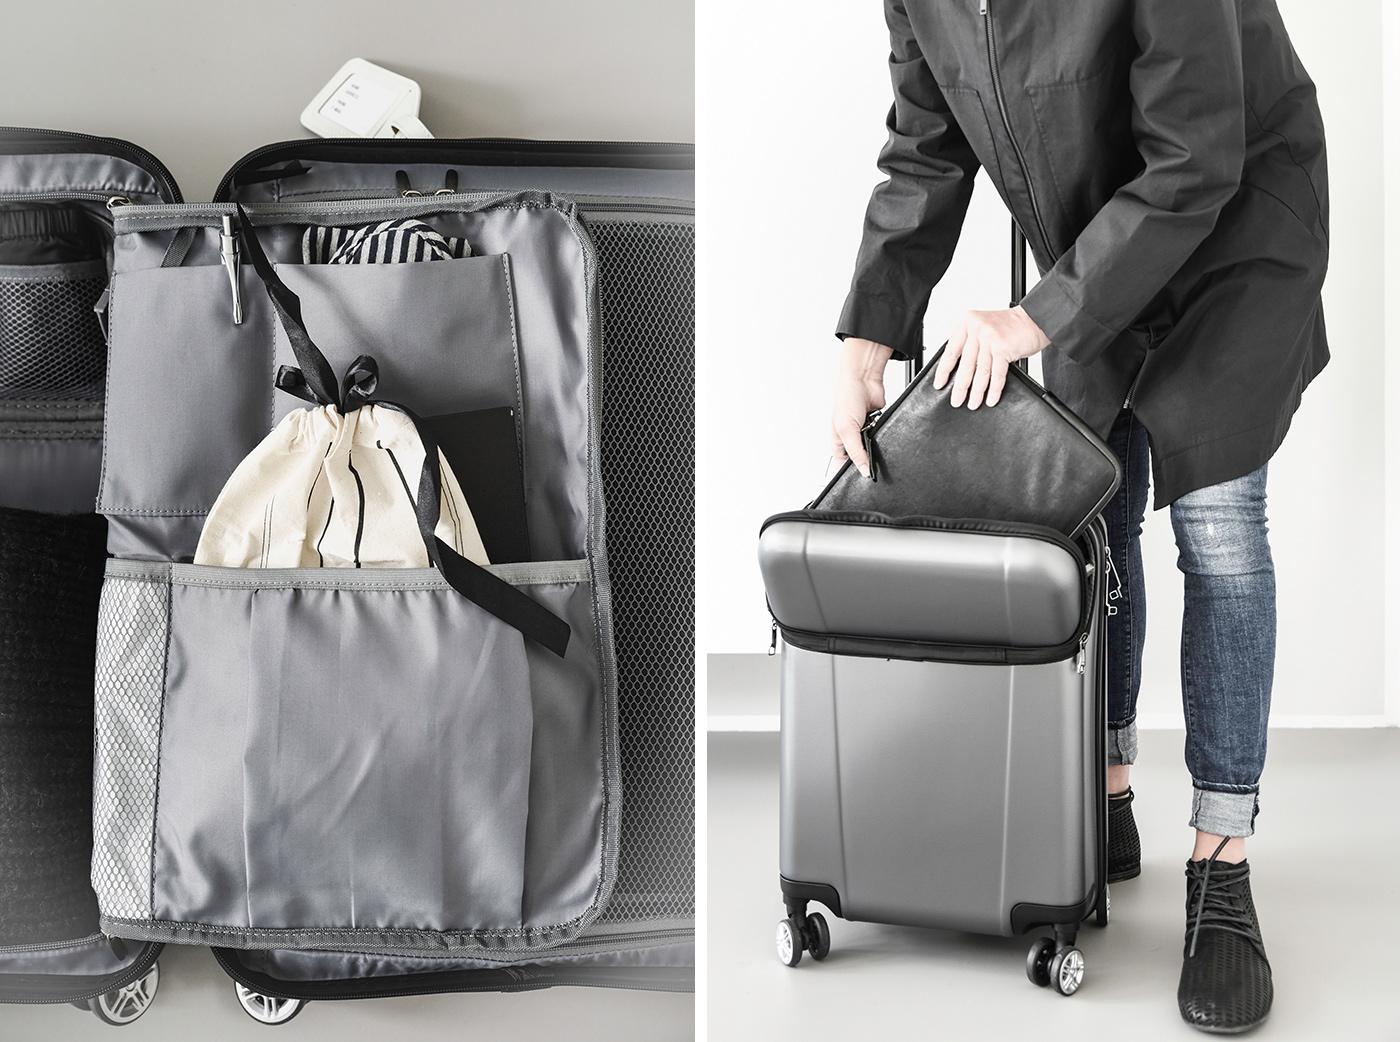 Organisiert in den Urlaub - Checklisten und System beim Kofferpacken